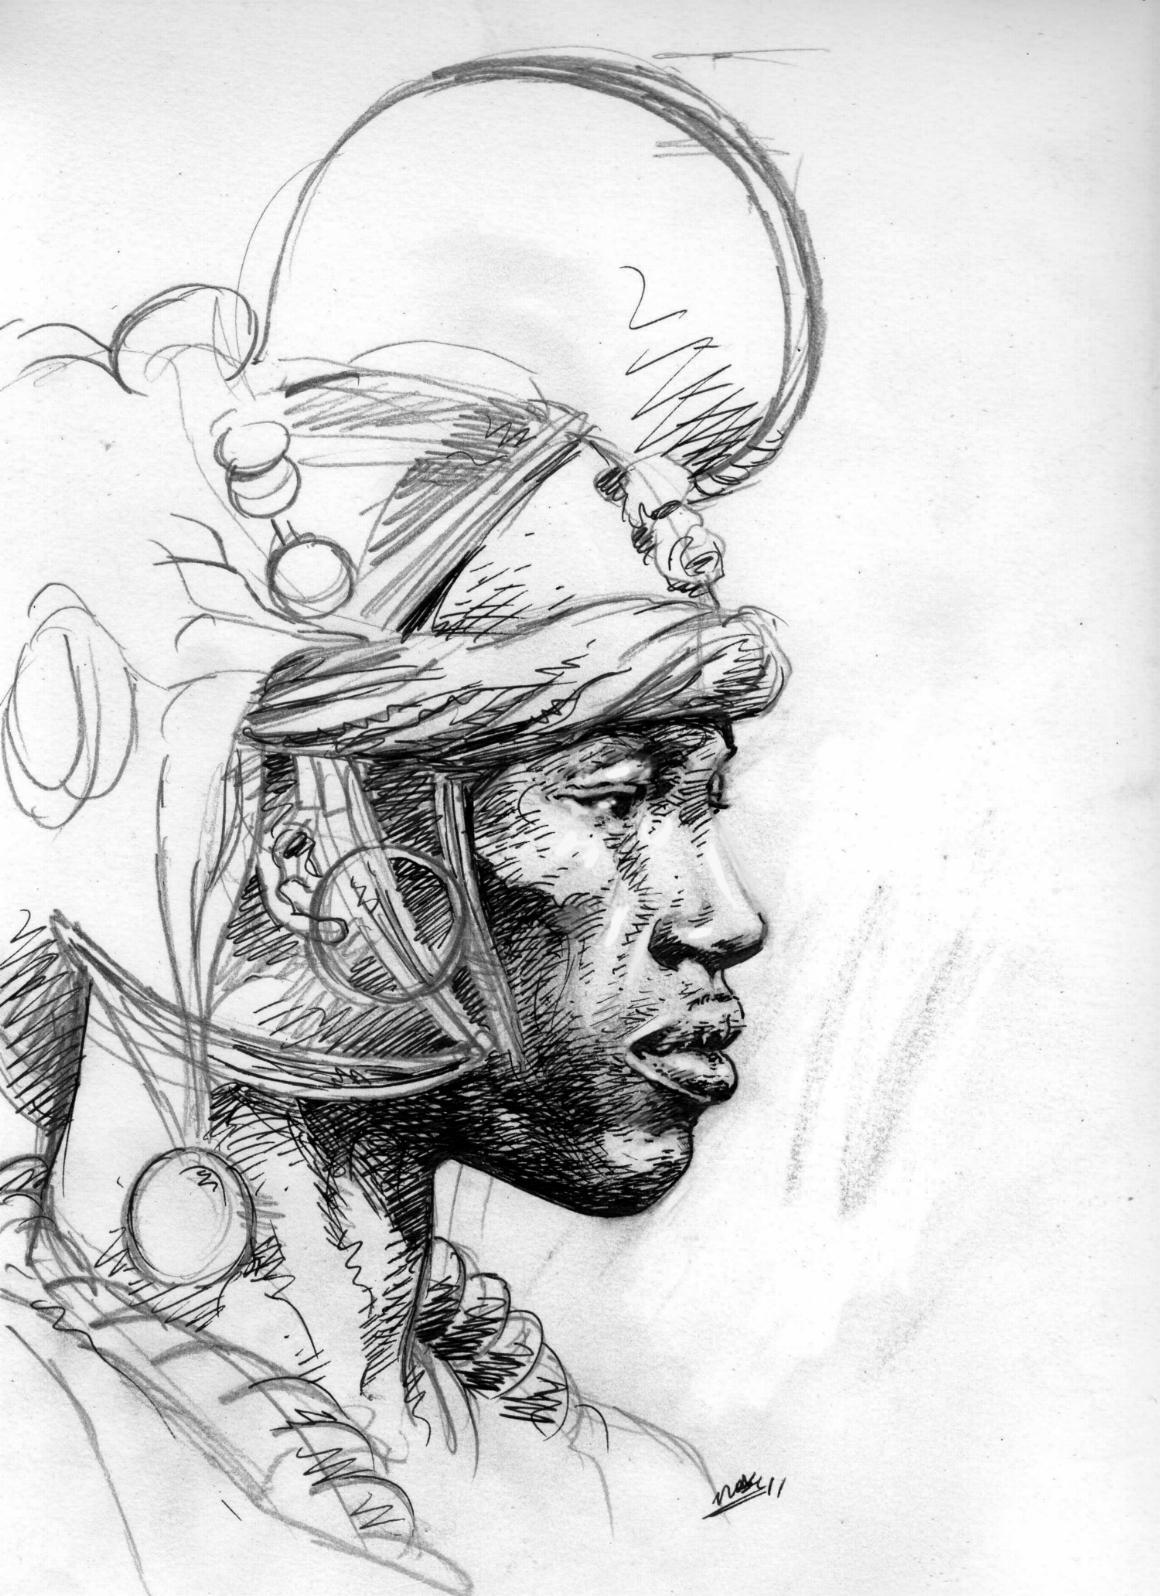 C novel dessins peuples d afrique 3 - Dessin paysage africain ...